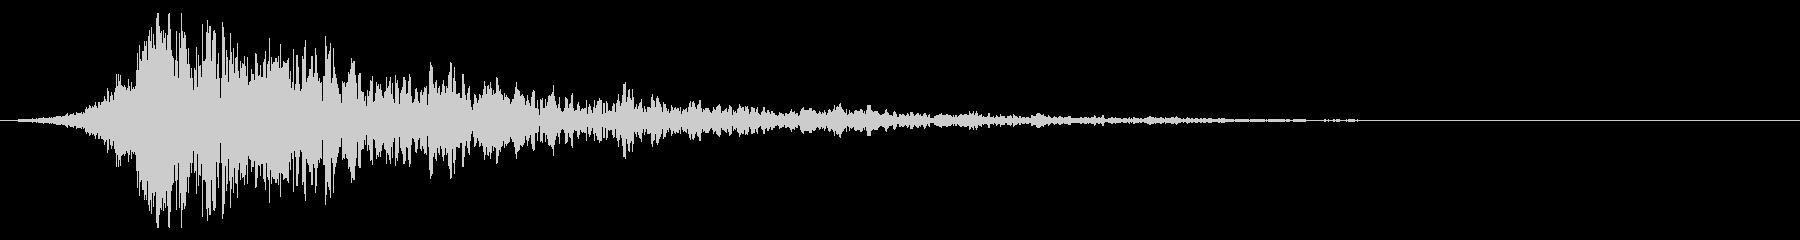 シュードーン-64-2(インパクト音)の未再生の波形